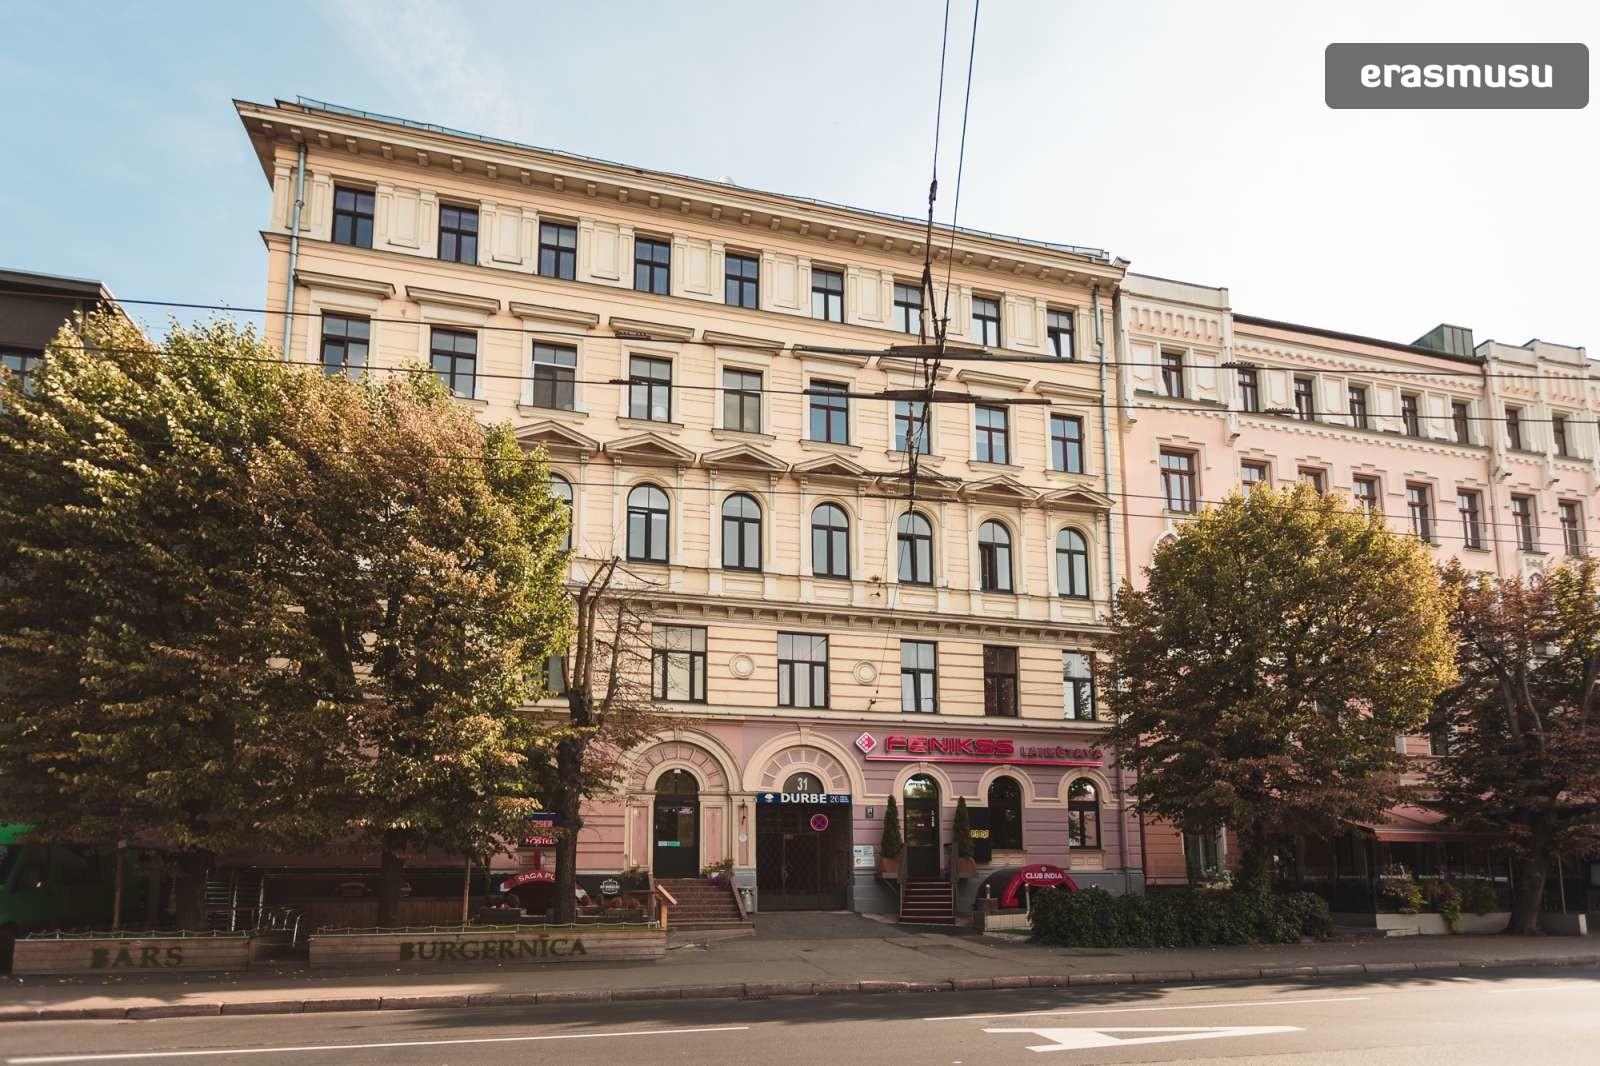 modern-4-bedroom-apartment-rent-centrs-ed53a690a51155b2a12f995ec